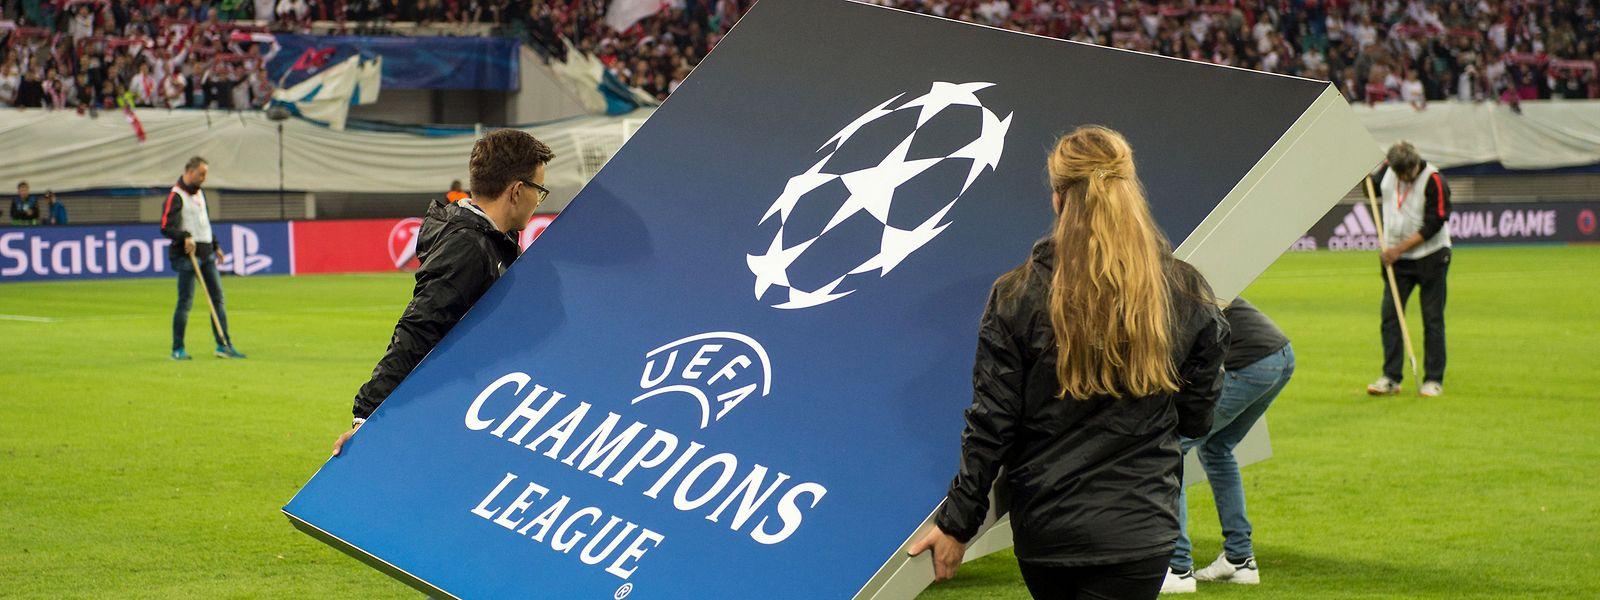 Wann das Finale der Champions League ausgetragen wird, bleibt offen.